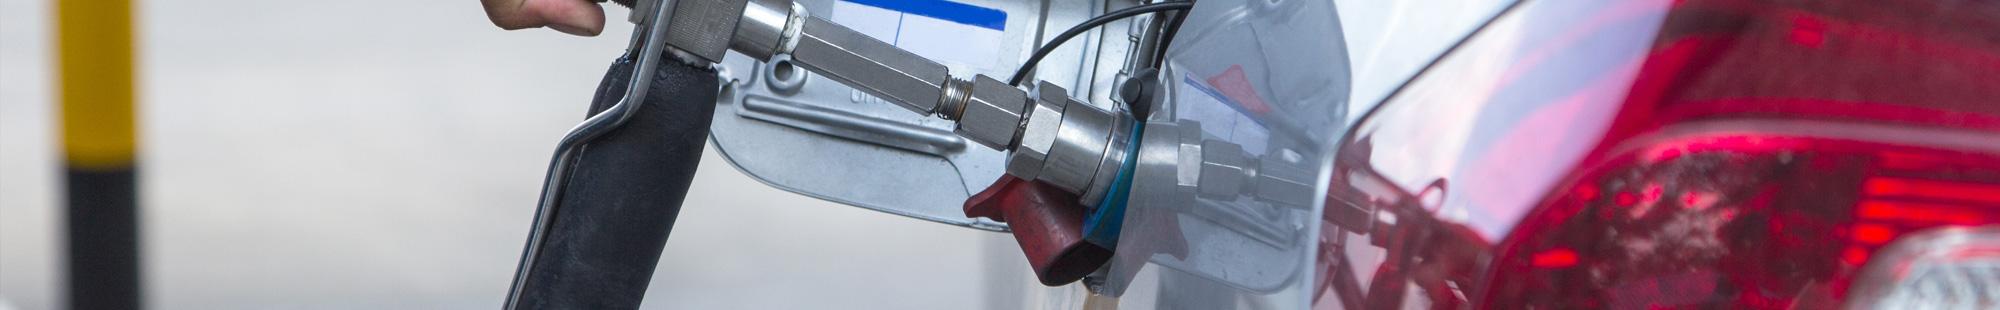 wlew paliwa w aucie